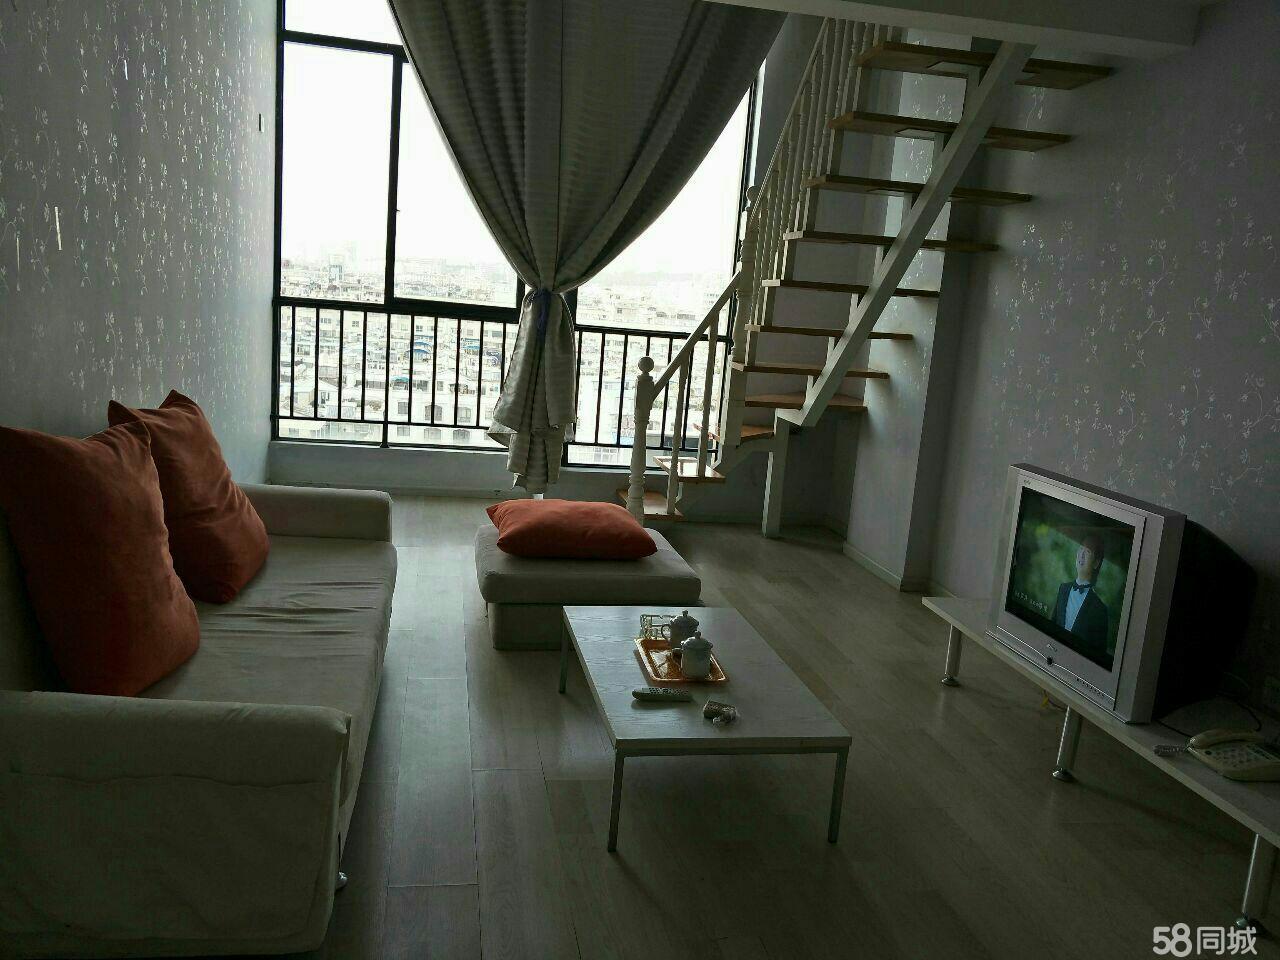 楚雄欧西尼亚国际商务酒店735房低价金沙官方平台